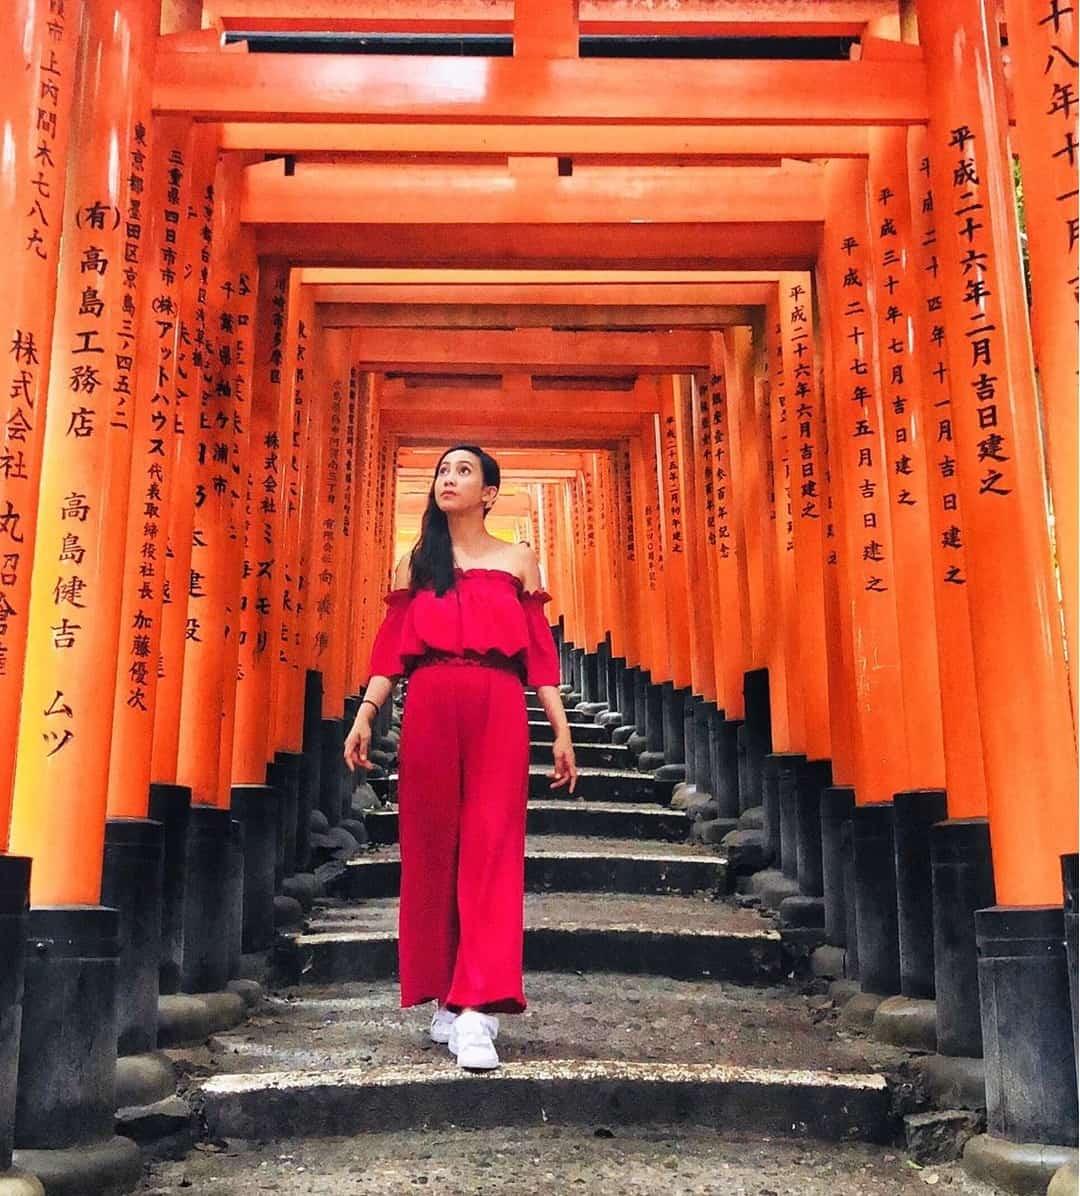 Jalan-Jalan ke Jepang 7 Hari 6 Malam